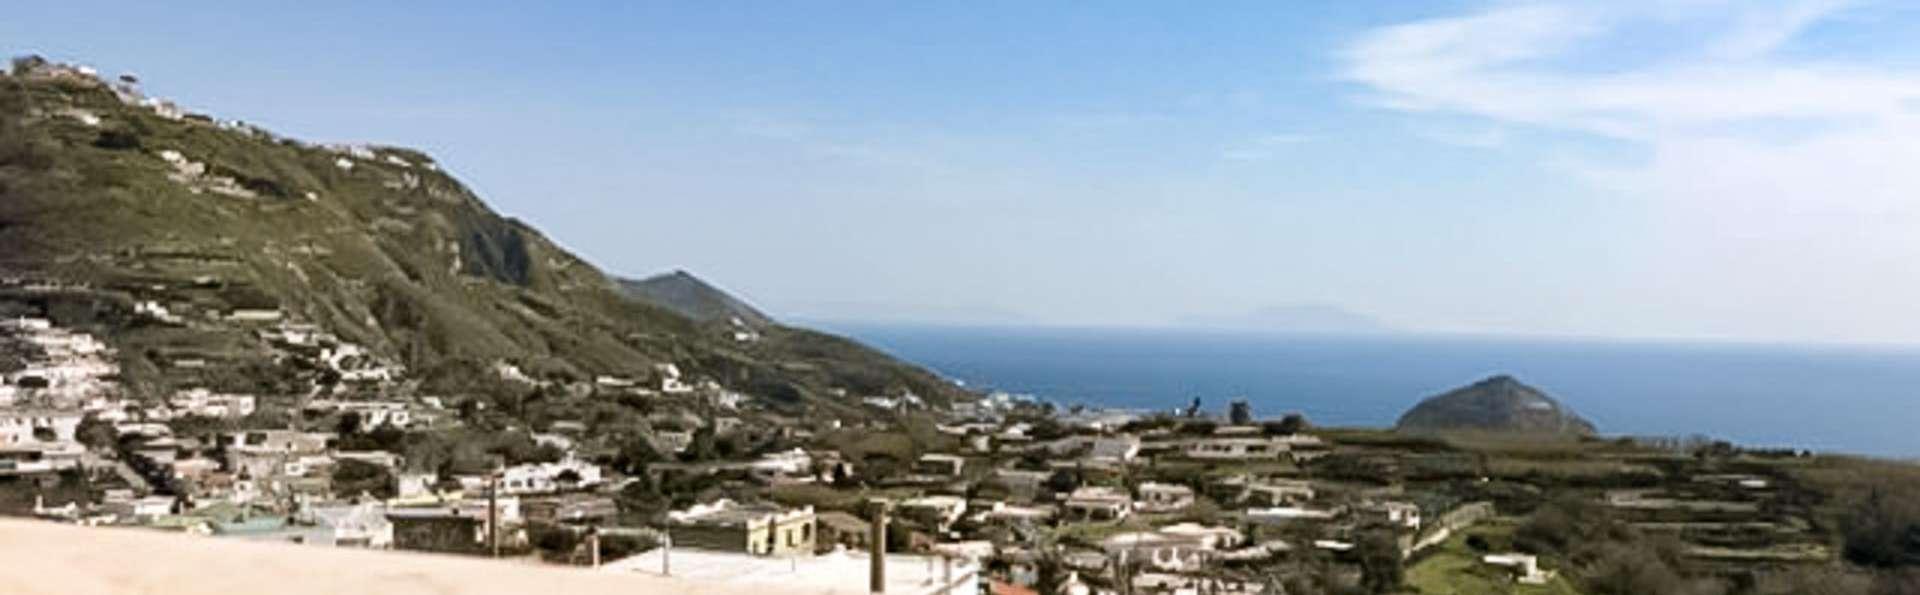 Découvrez les beautés de l'île d'Ischia pour une expérience unique avec diner